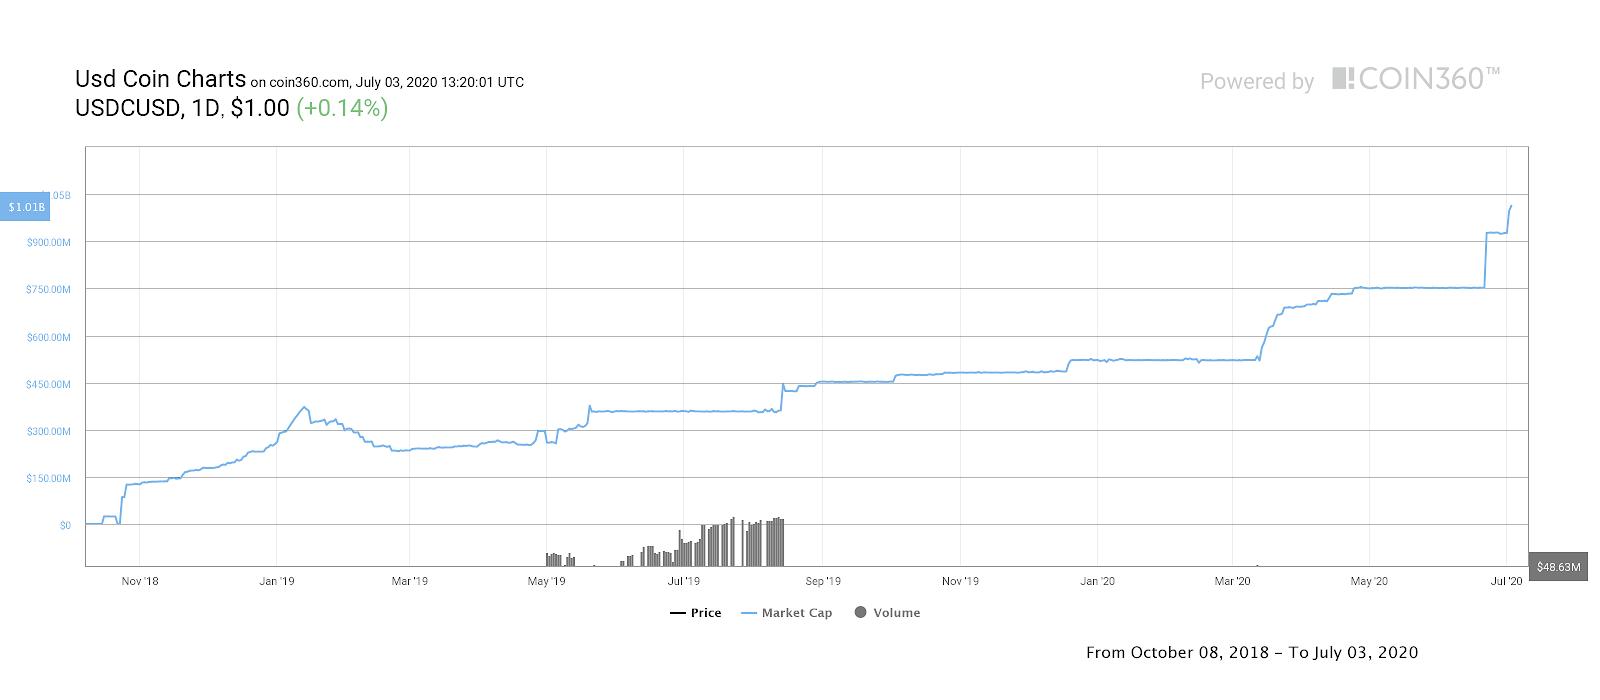 Capitalizzazione di USD Coin